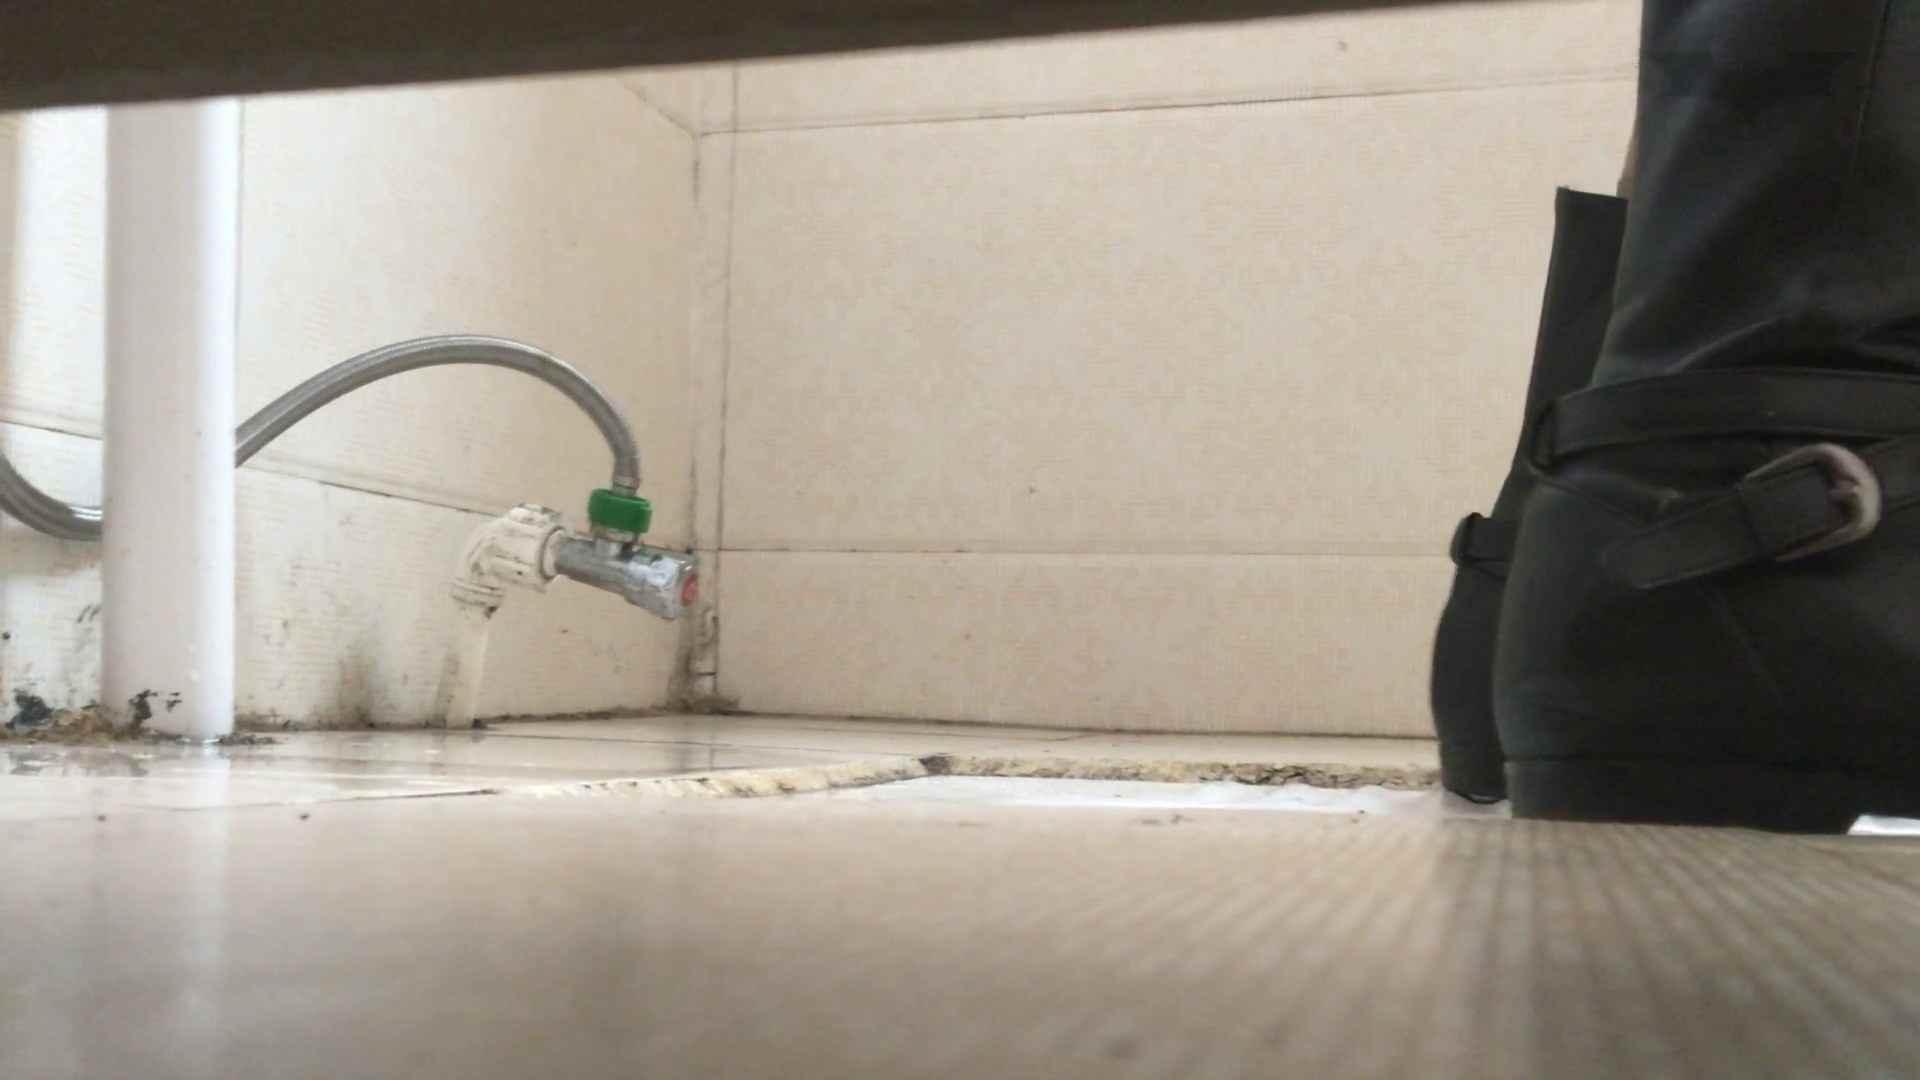 芸術大学ガチ潜入盗撮 JD盗撮 美女の洗面所の秘密 Vol.107 トイレ  28pic 24